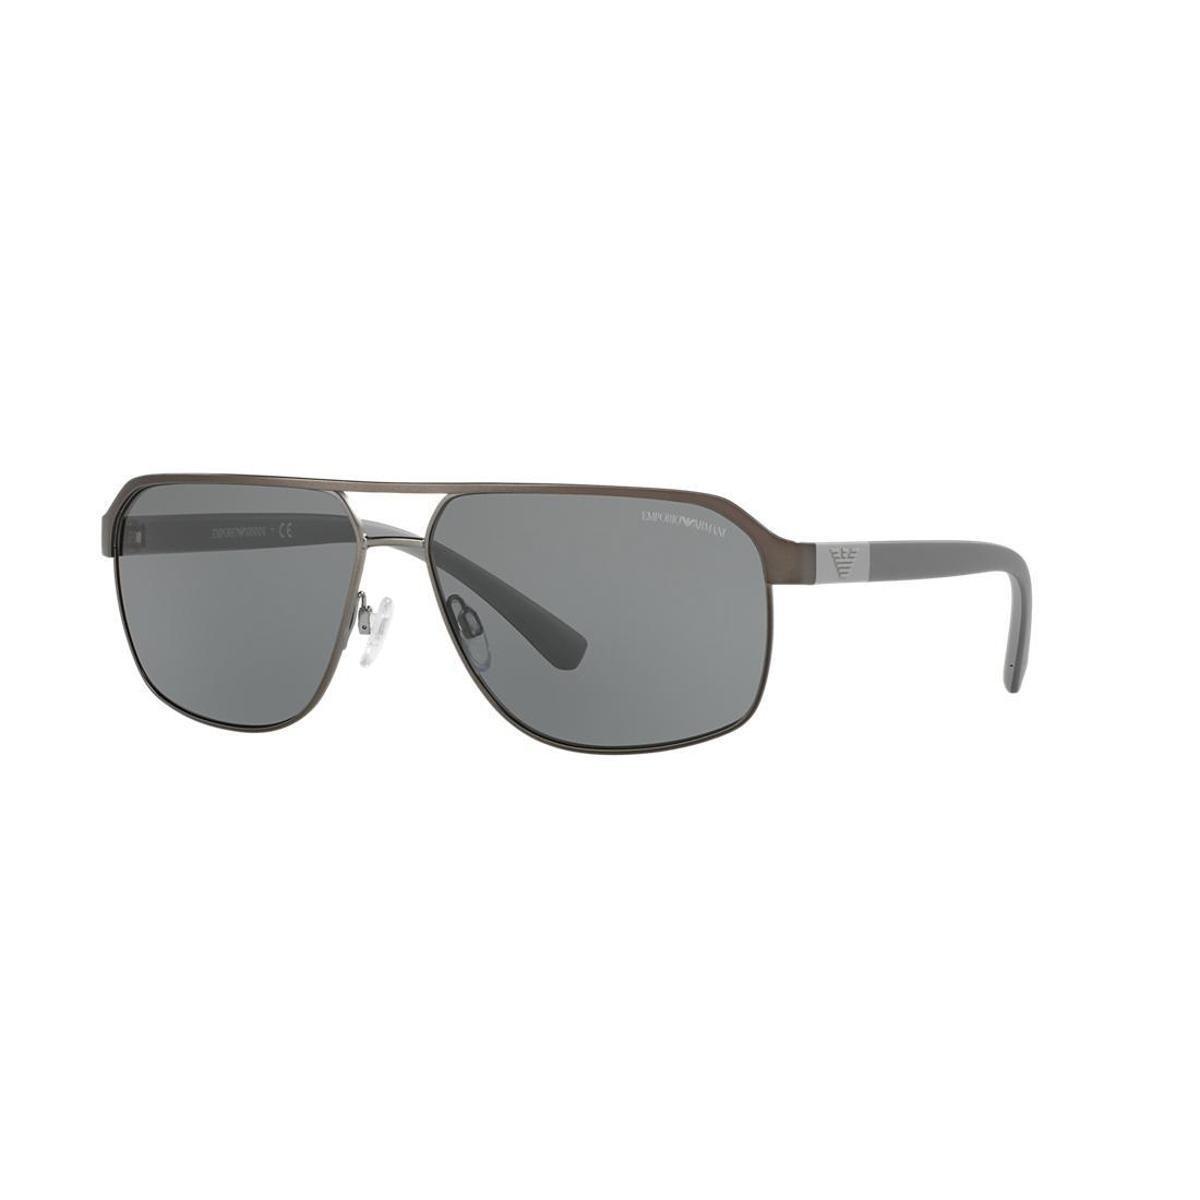 412f6581486 Óculos de Sol Emporio Armani EA2039 - Compre Agora